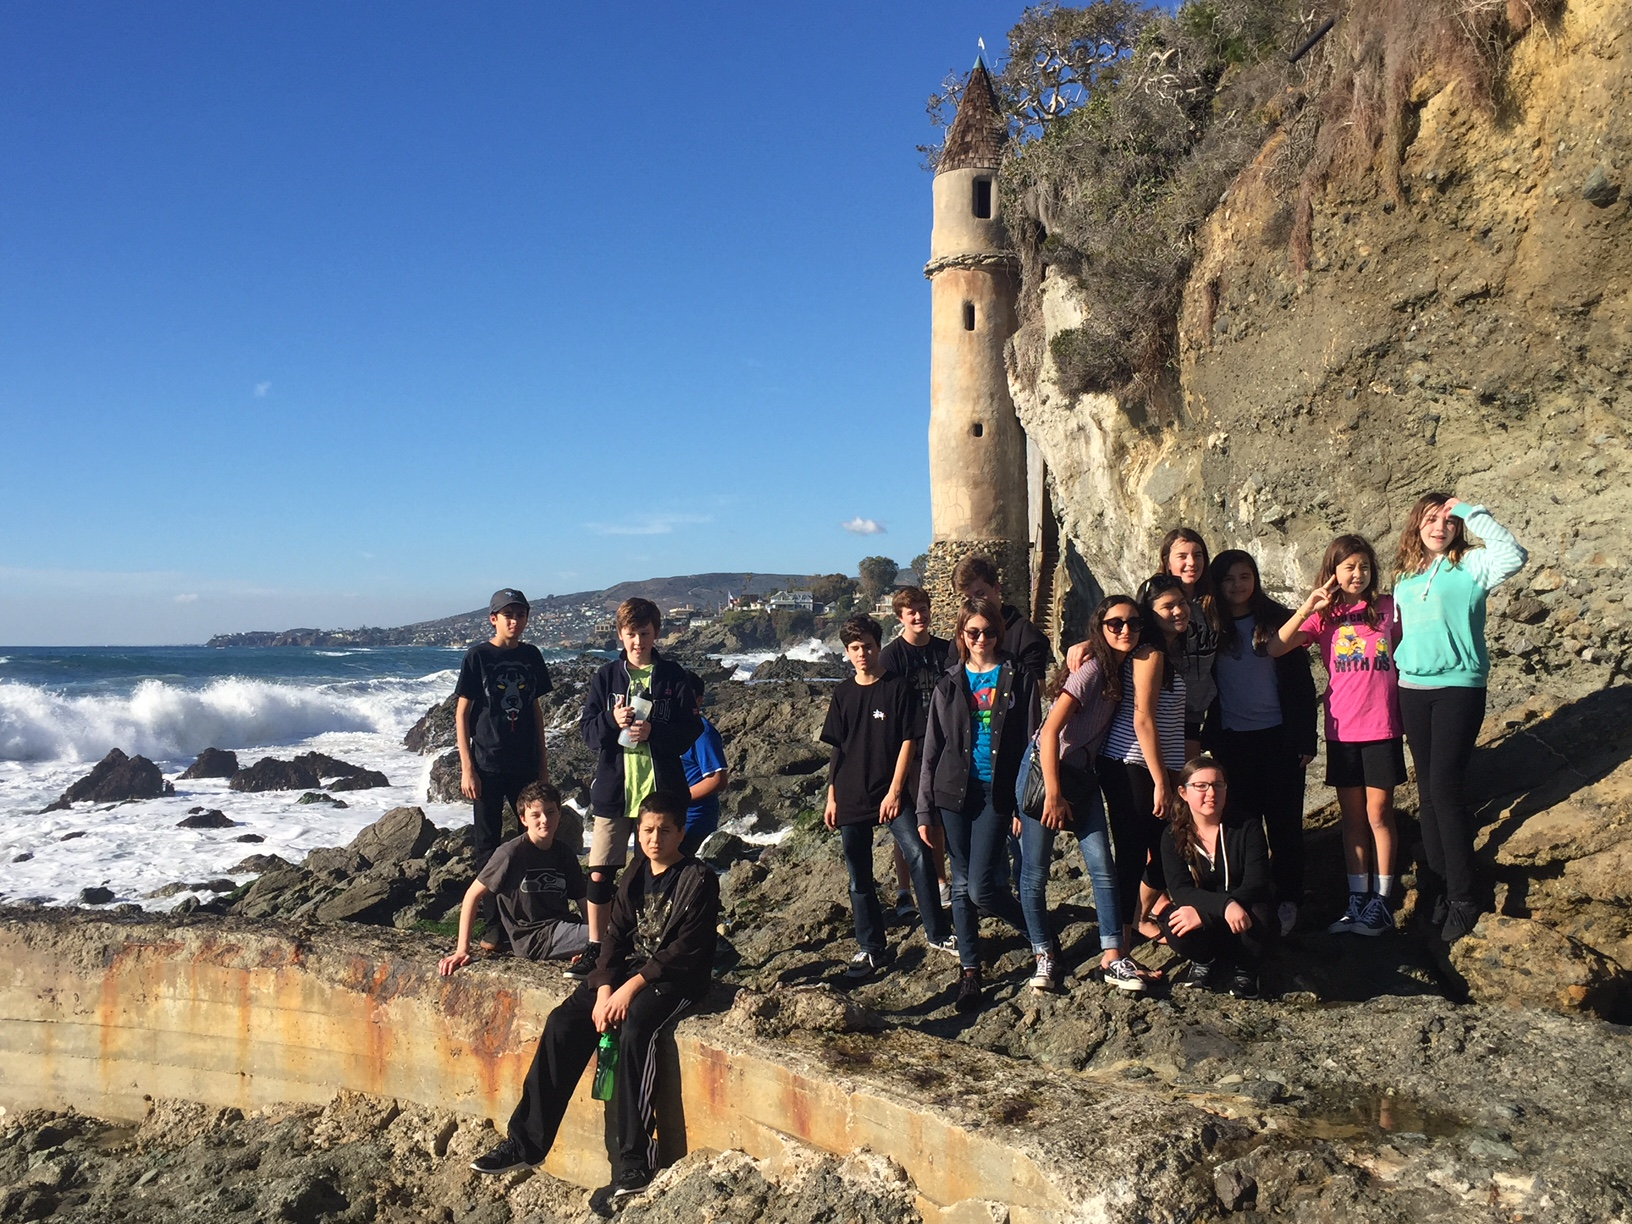 Lighthouse Tower in Laguna Beach